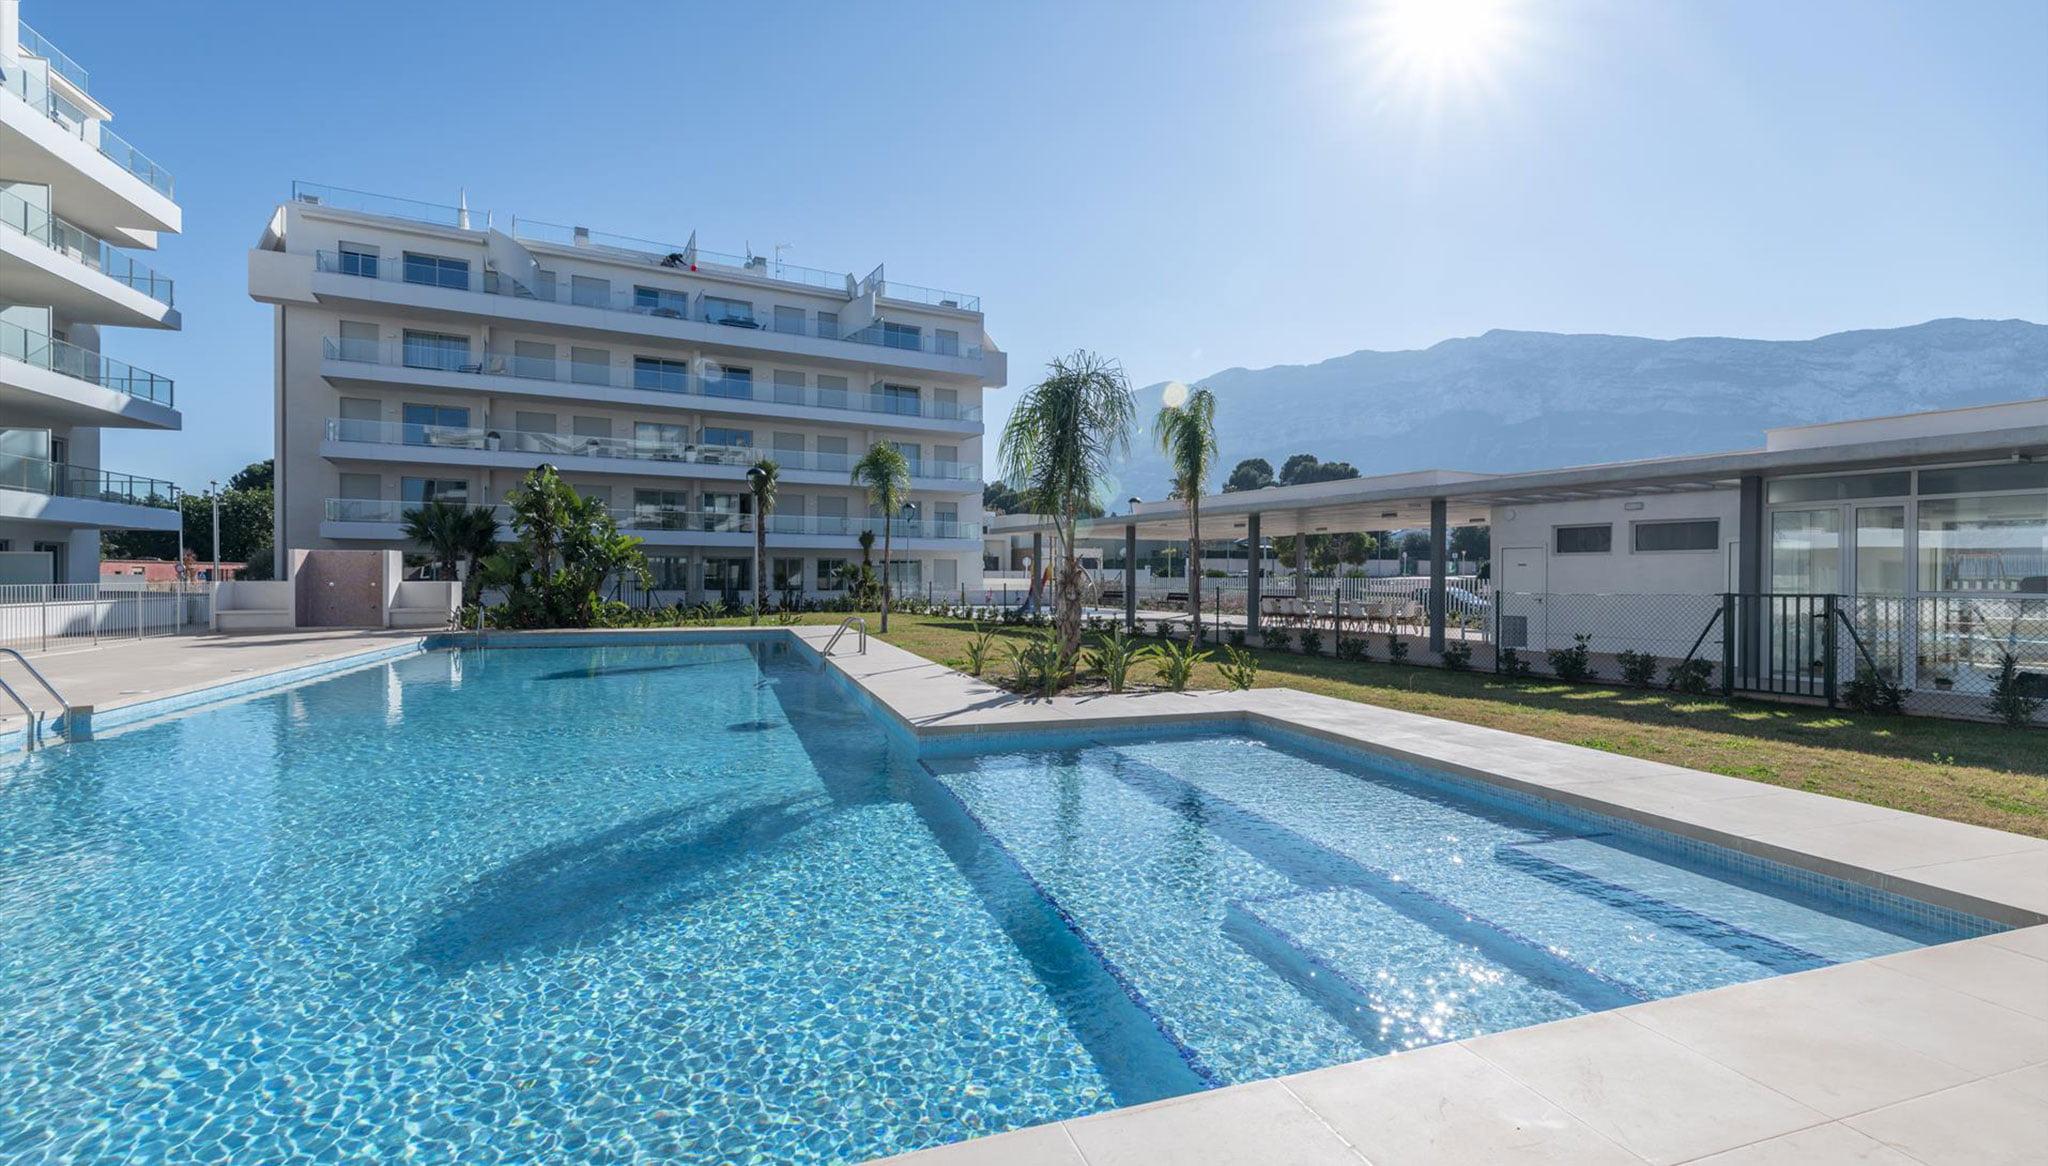 Vista exterior d'un apartament per a vacances a Dénia - Quality Rent A Villa